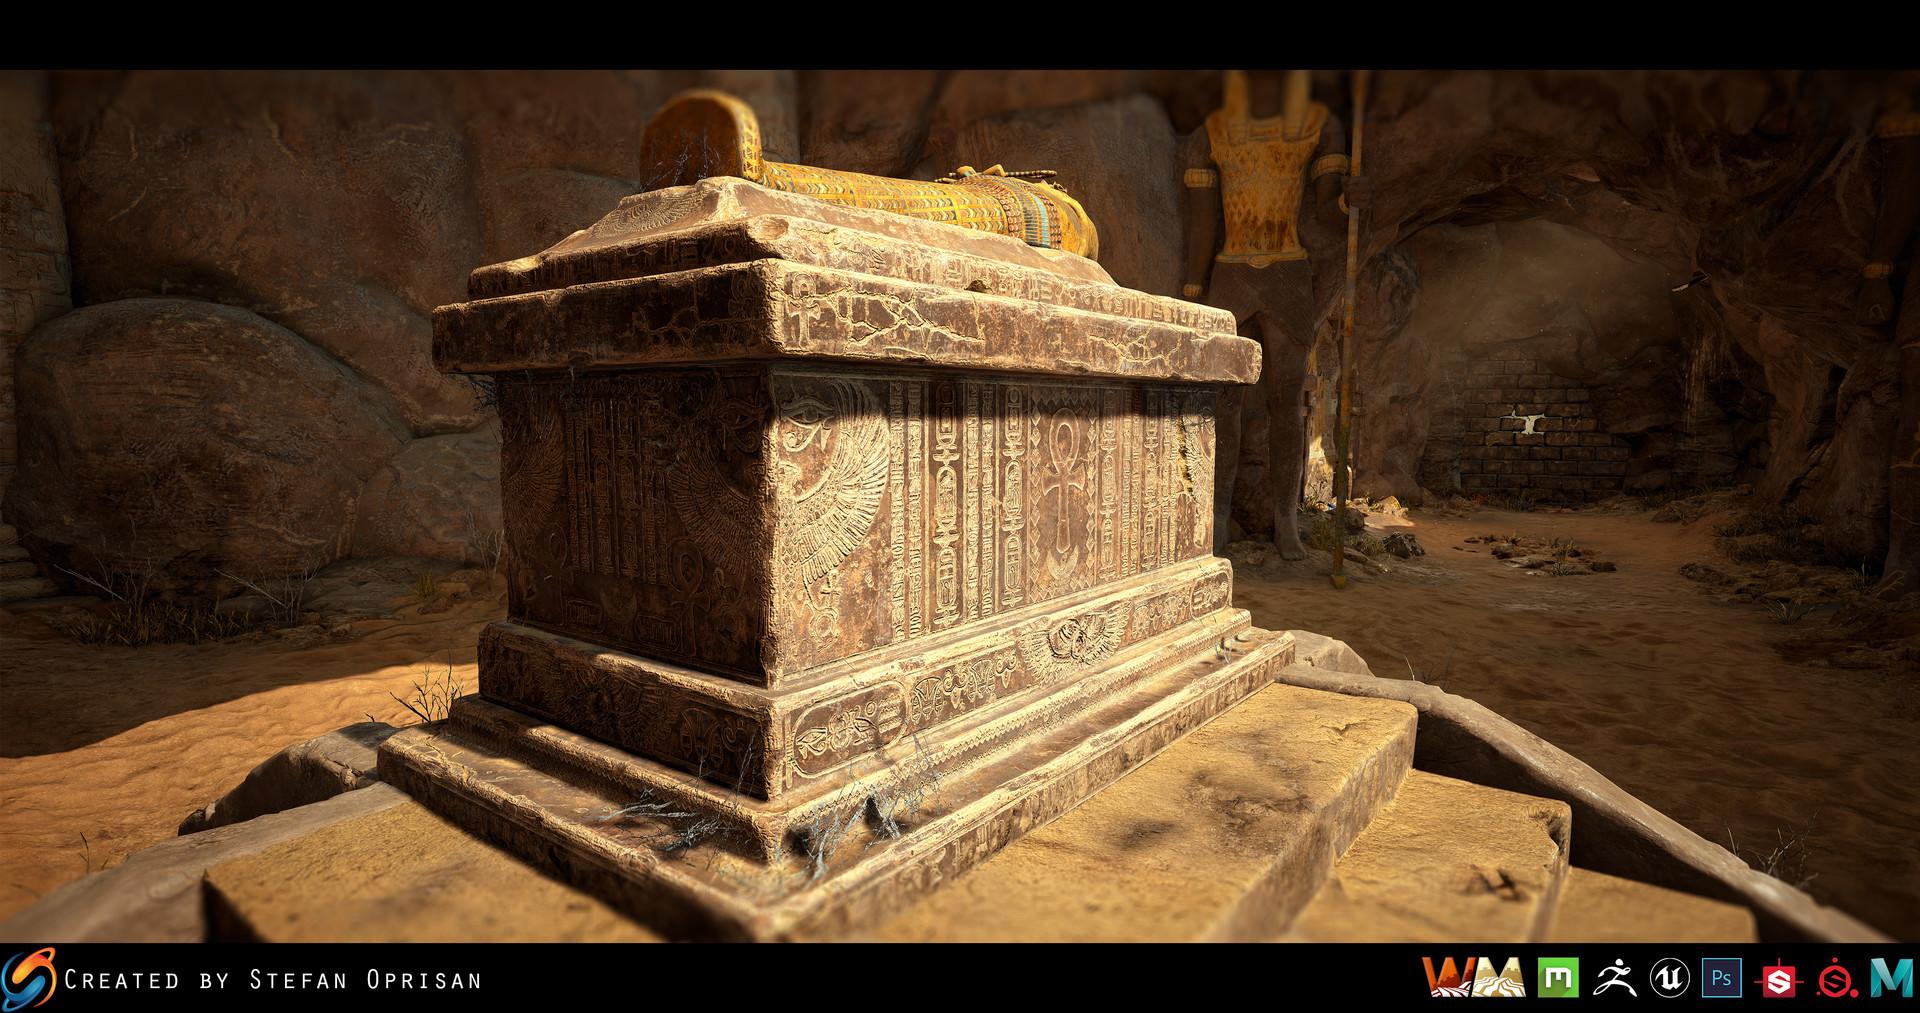 Stefan oprisan sarcophagus 1